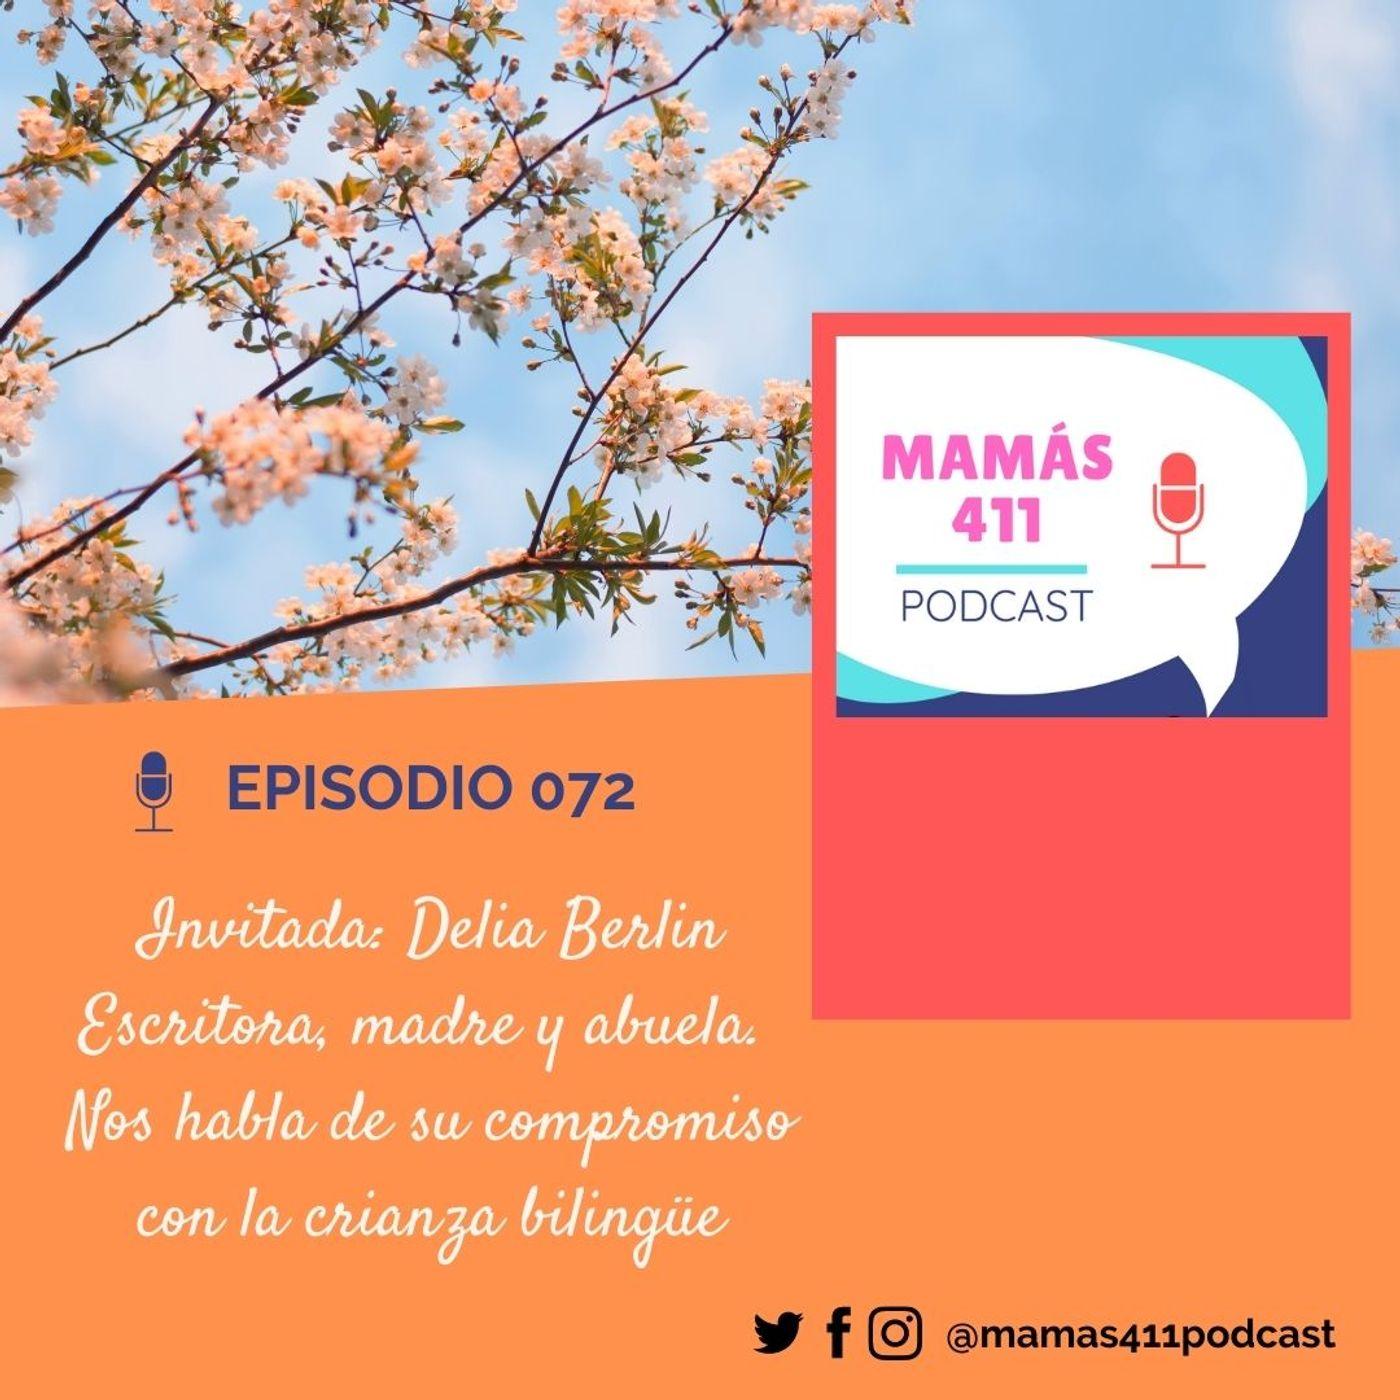 072 - Invitada: Delia Berlin. Escritora, madre y abuela. Nos habla de su compromiso con la crianza bilingüe